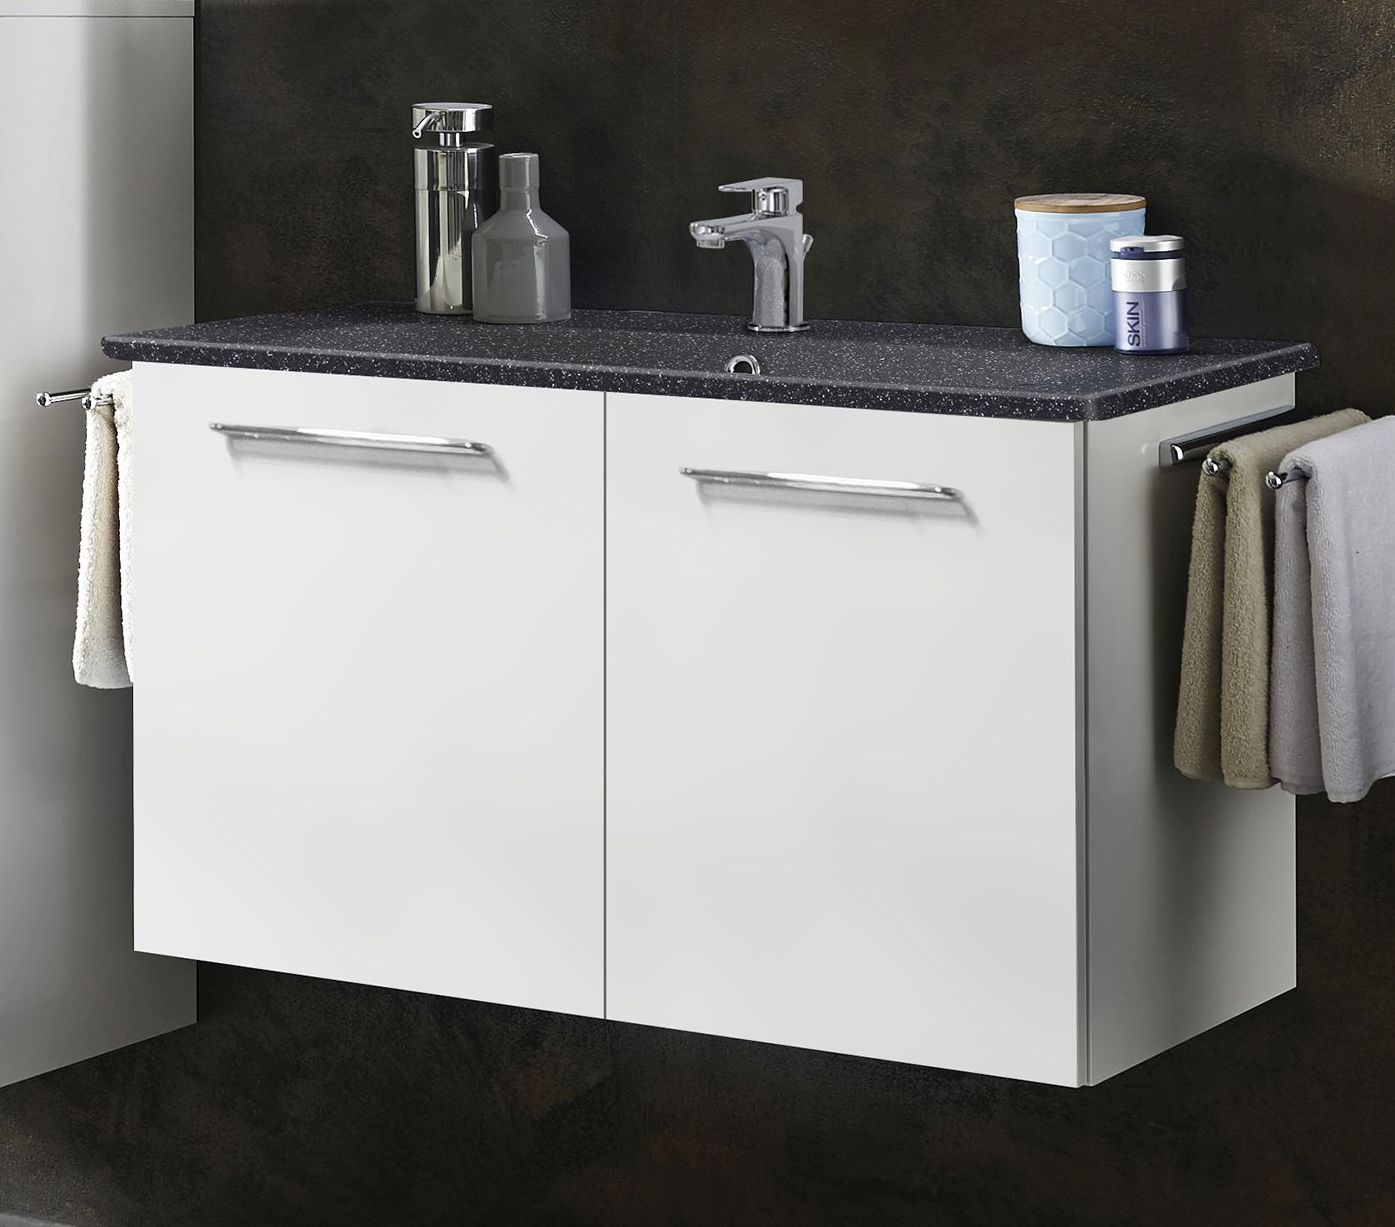 marlin bad 3020 life waschtisch mit unterschrank 80 cm breit loft badm bel 1. Black Bedroom Furniture Sets. Home Design Ideas